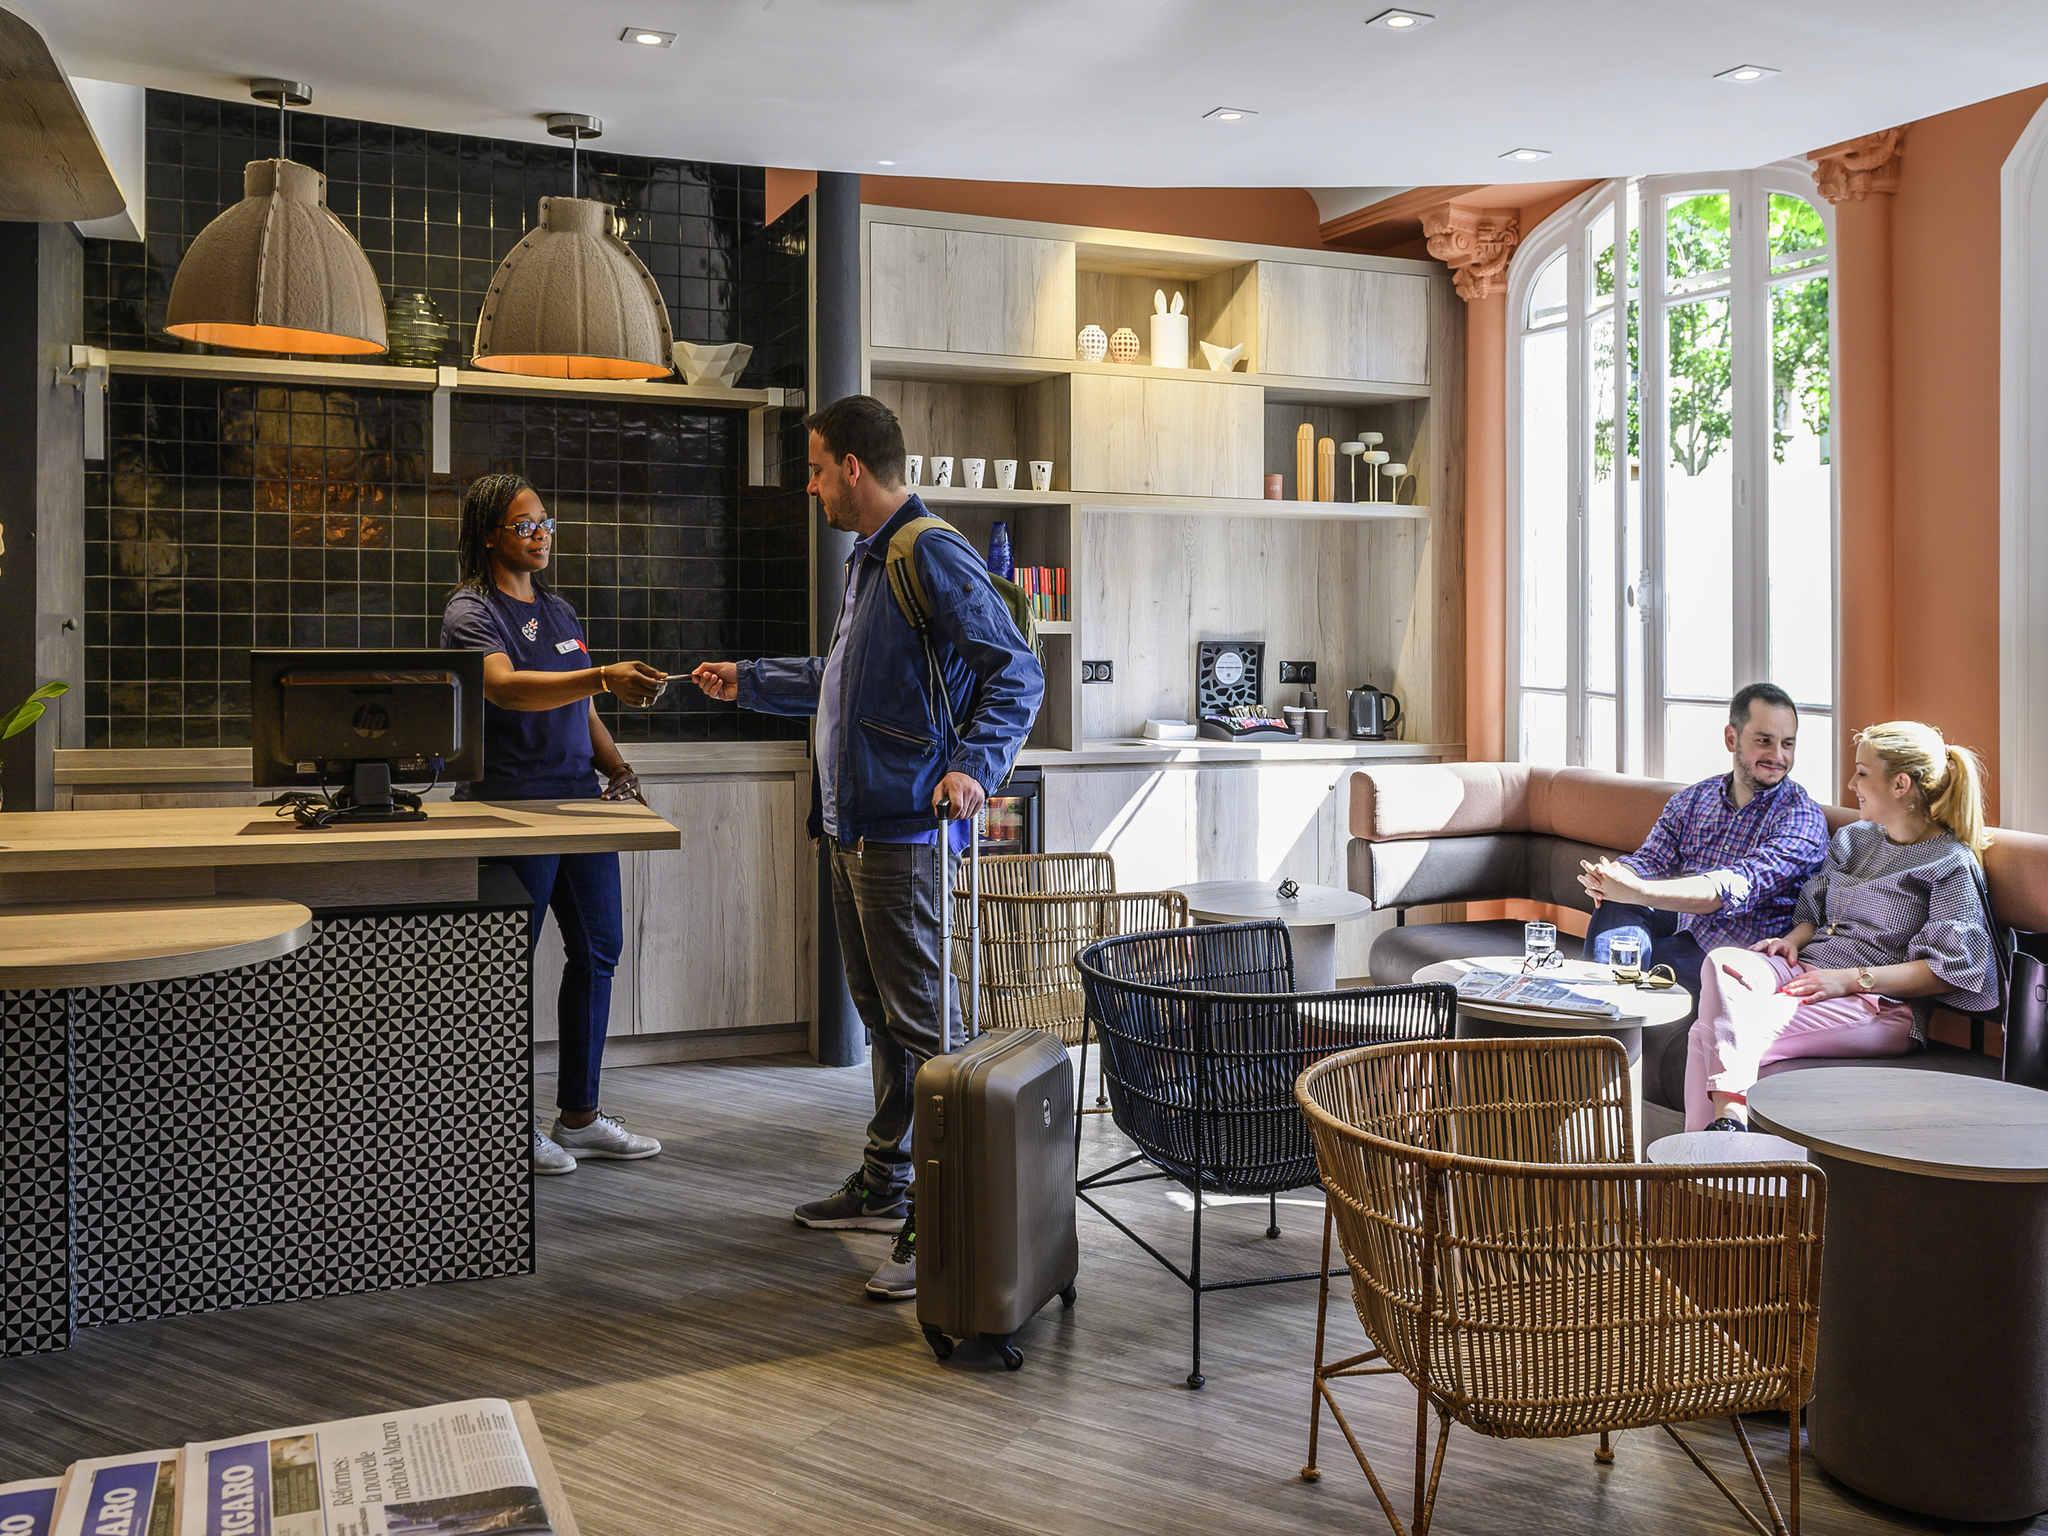 โรงแรม – ไอบิส ปารีส ตูร์ มงต์ปาร์นาส 15เอเม่